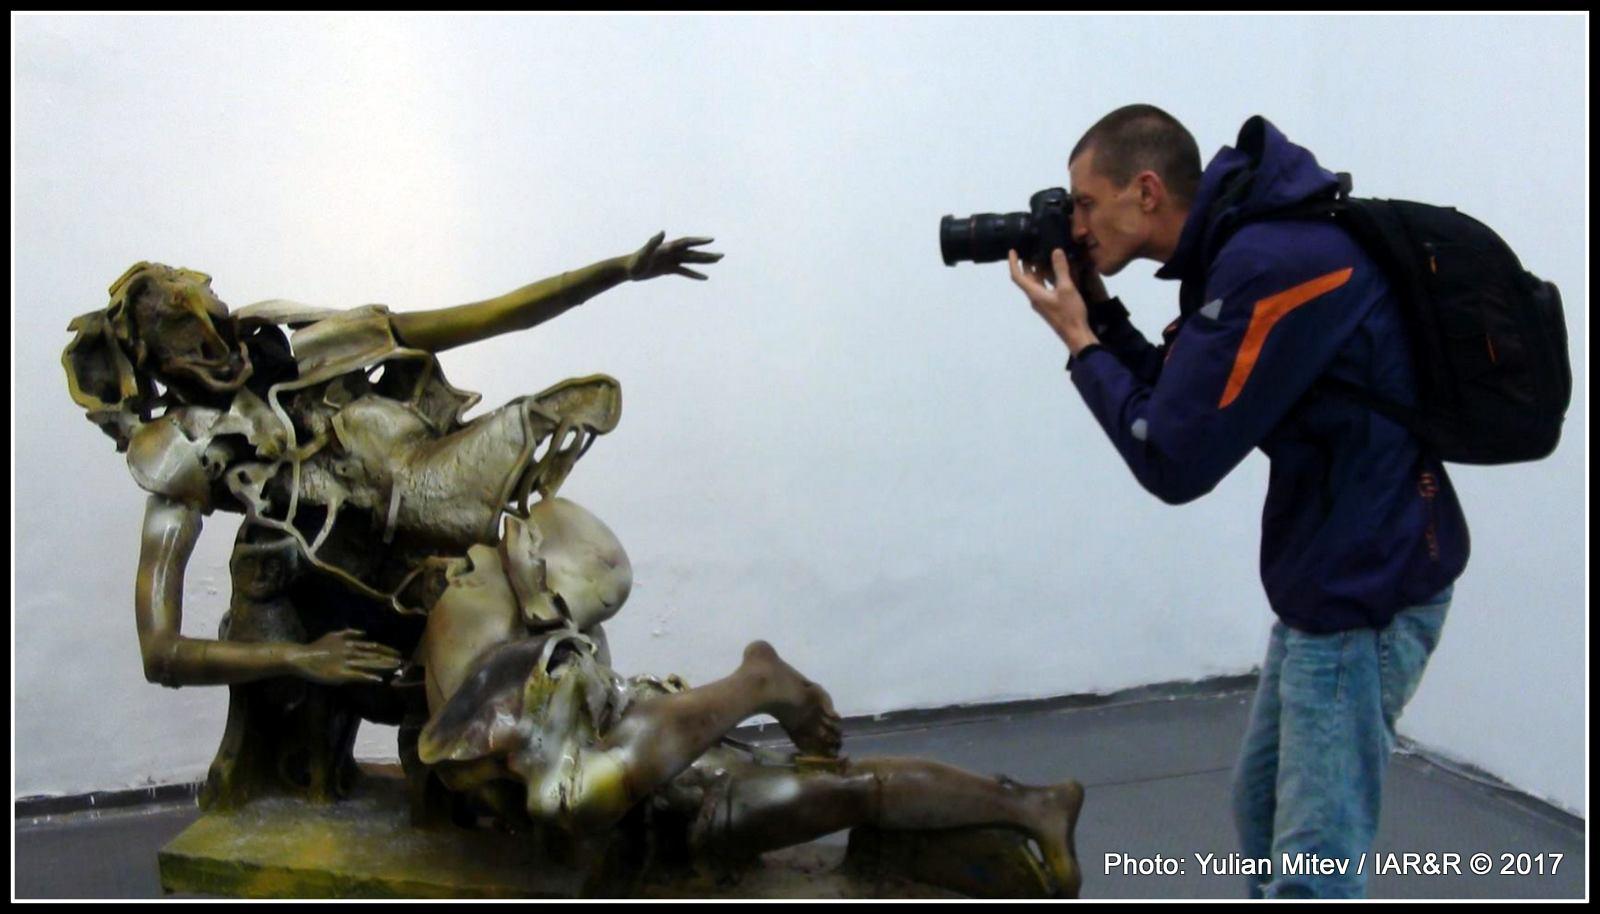 Индивидуалните скулптури и скулптурни групи привличат вниманието и на столичните фотографи